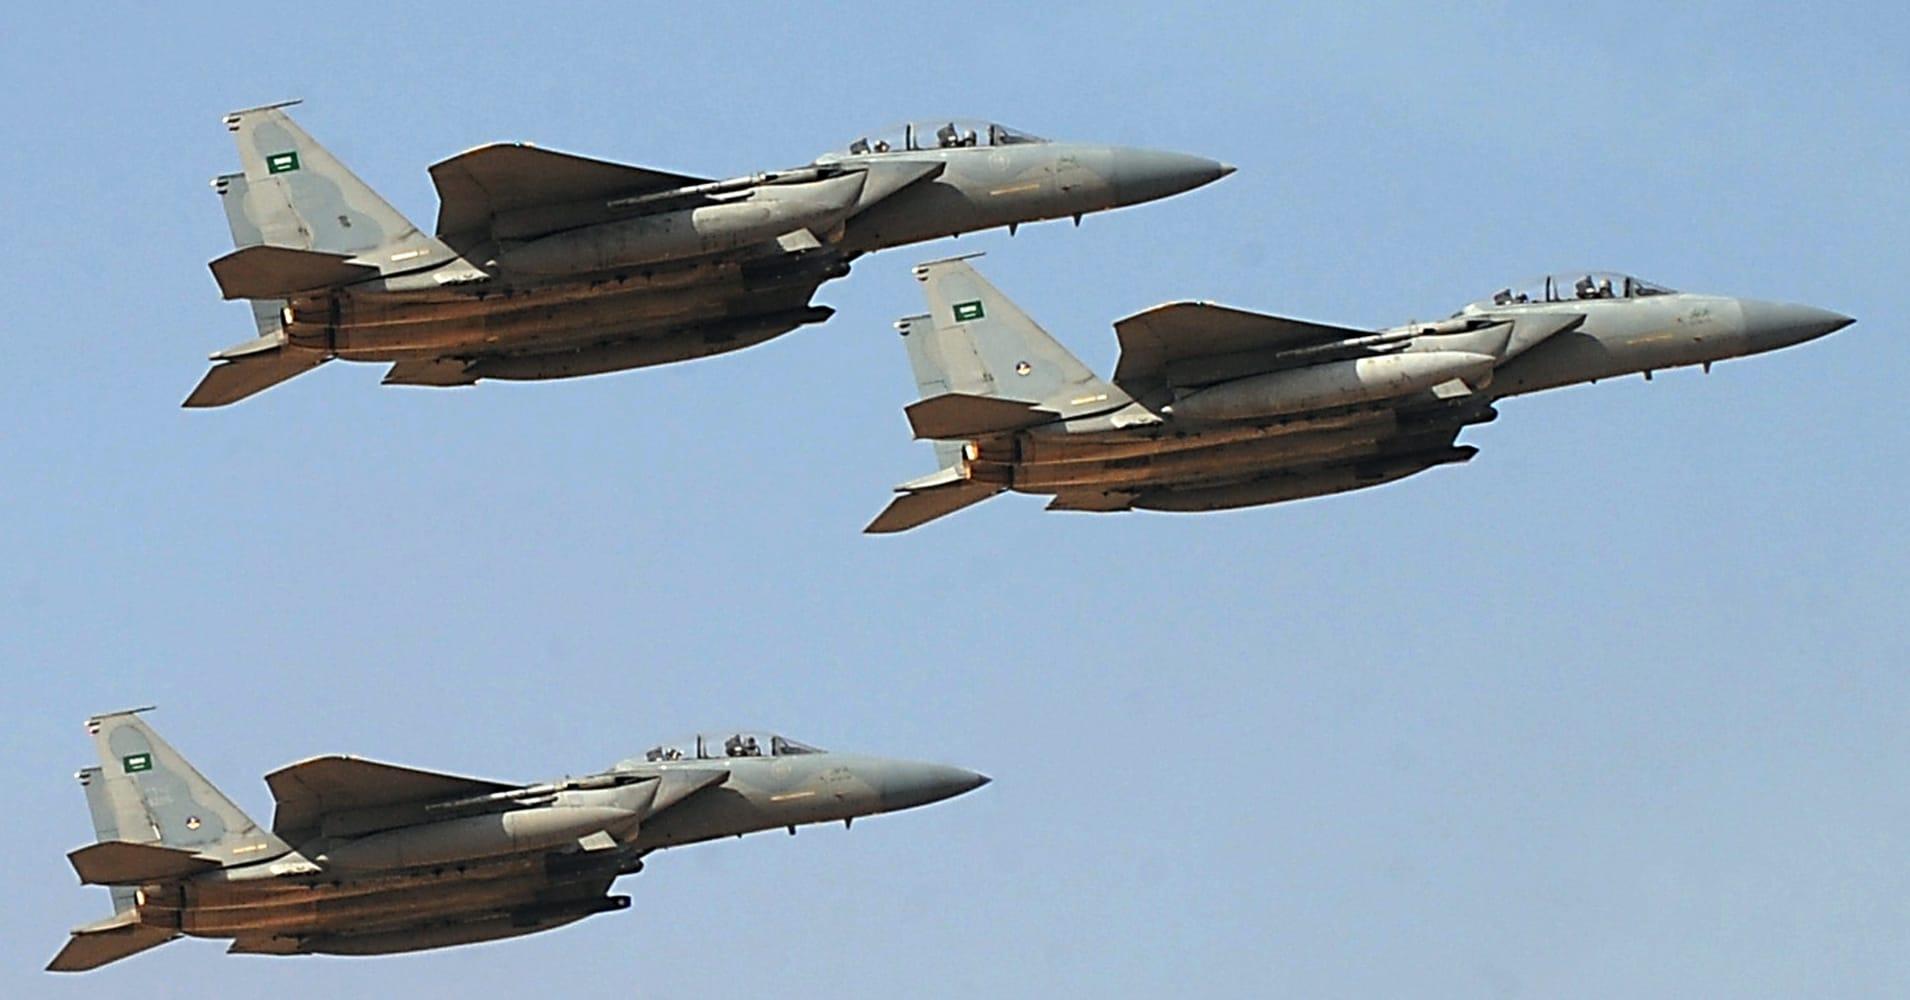 Саудиты нанесли удары по лагерям «Аль-Каиде» в Йемене